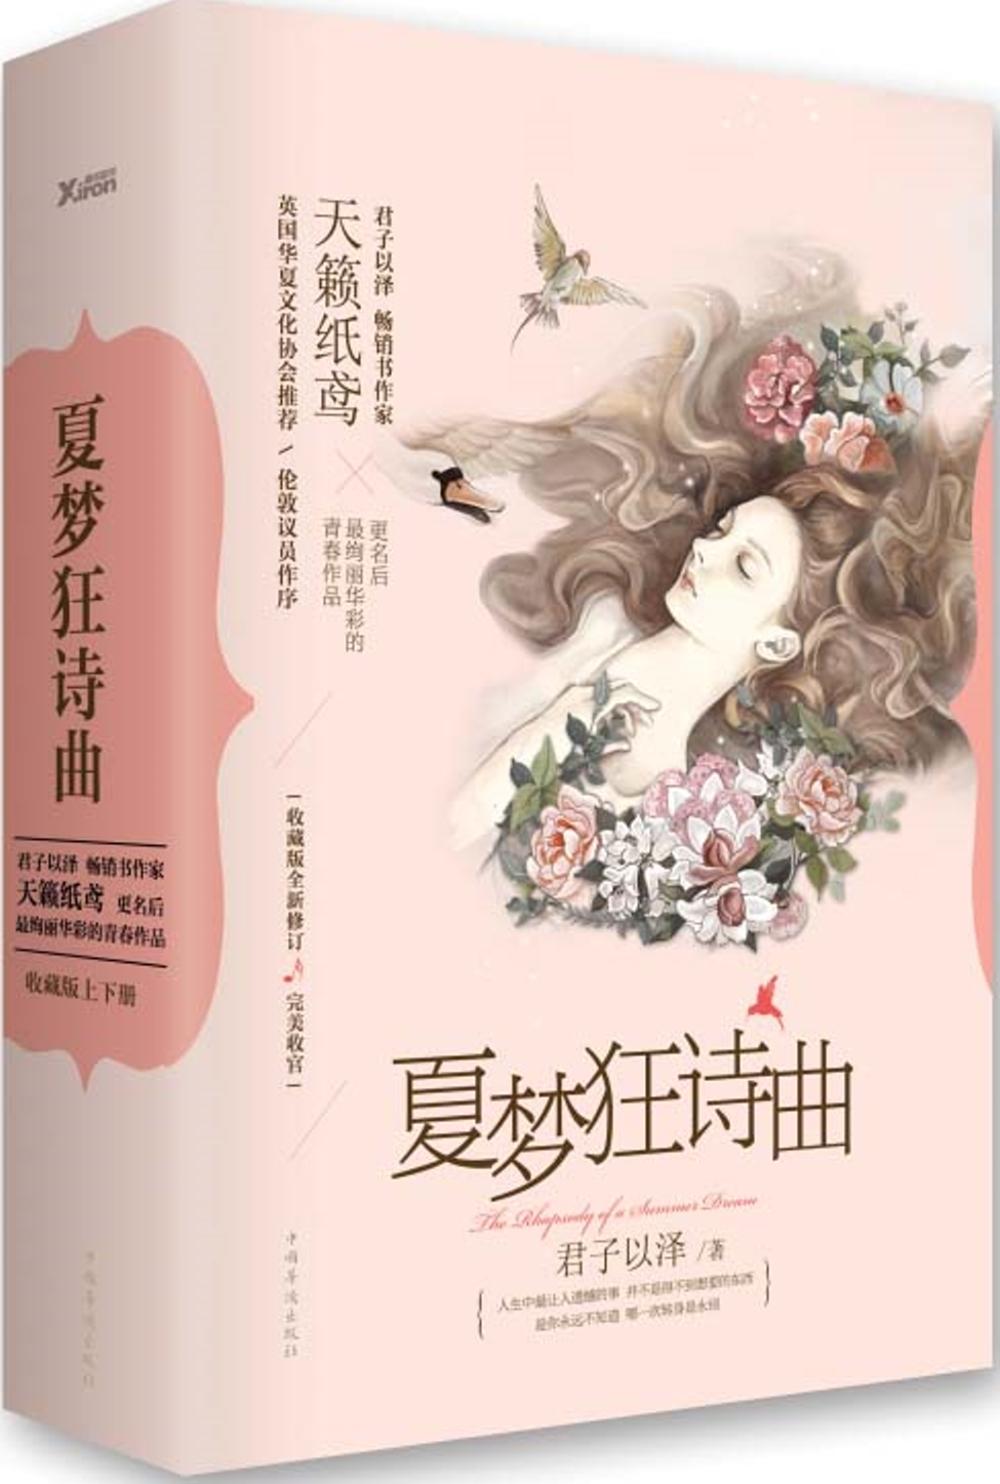 夏夢狂詩曲(上下)(收藏版)